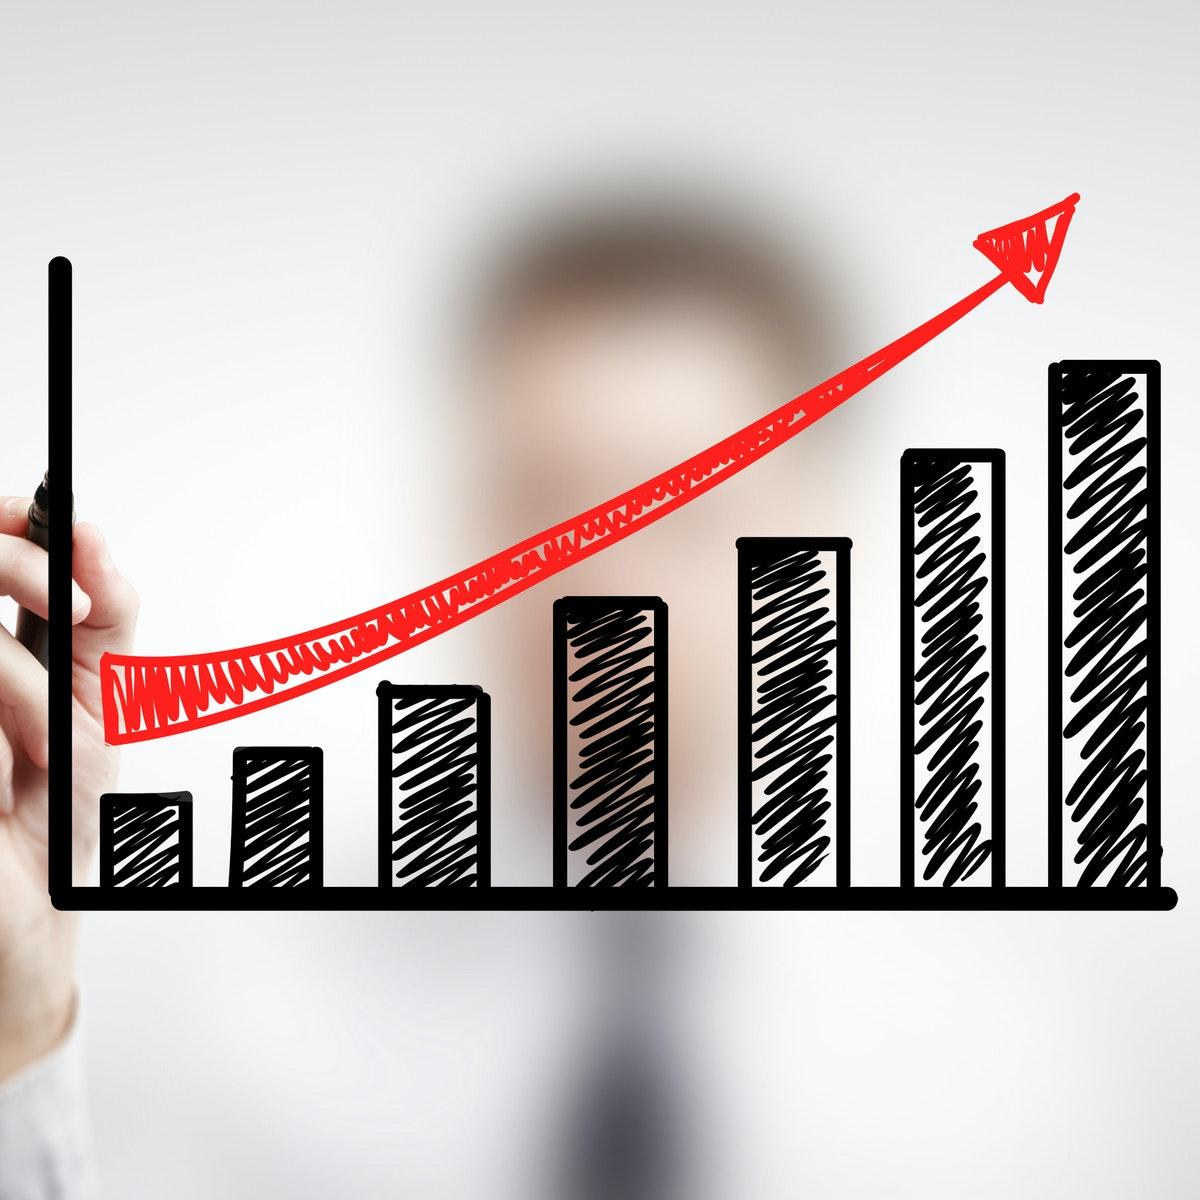 Data Analytics for Business Capstone